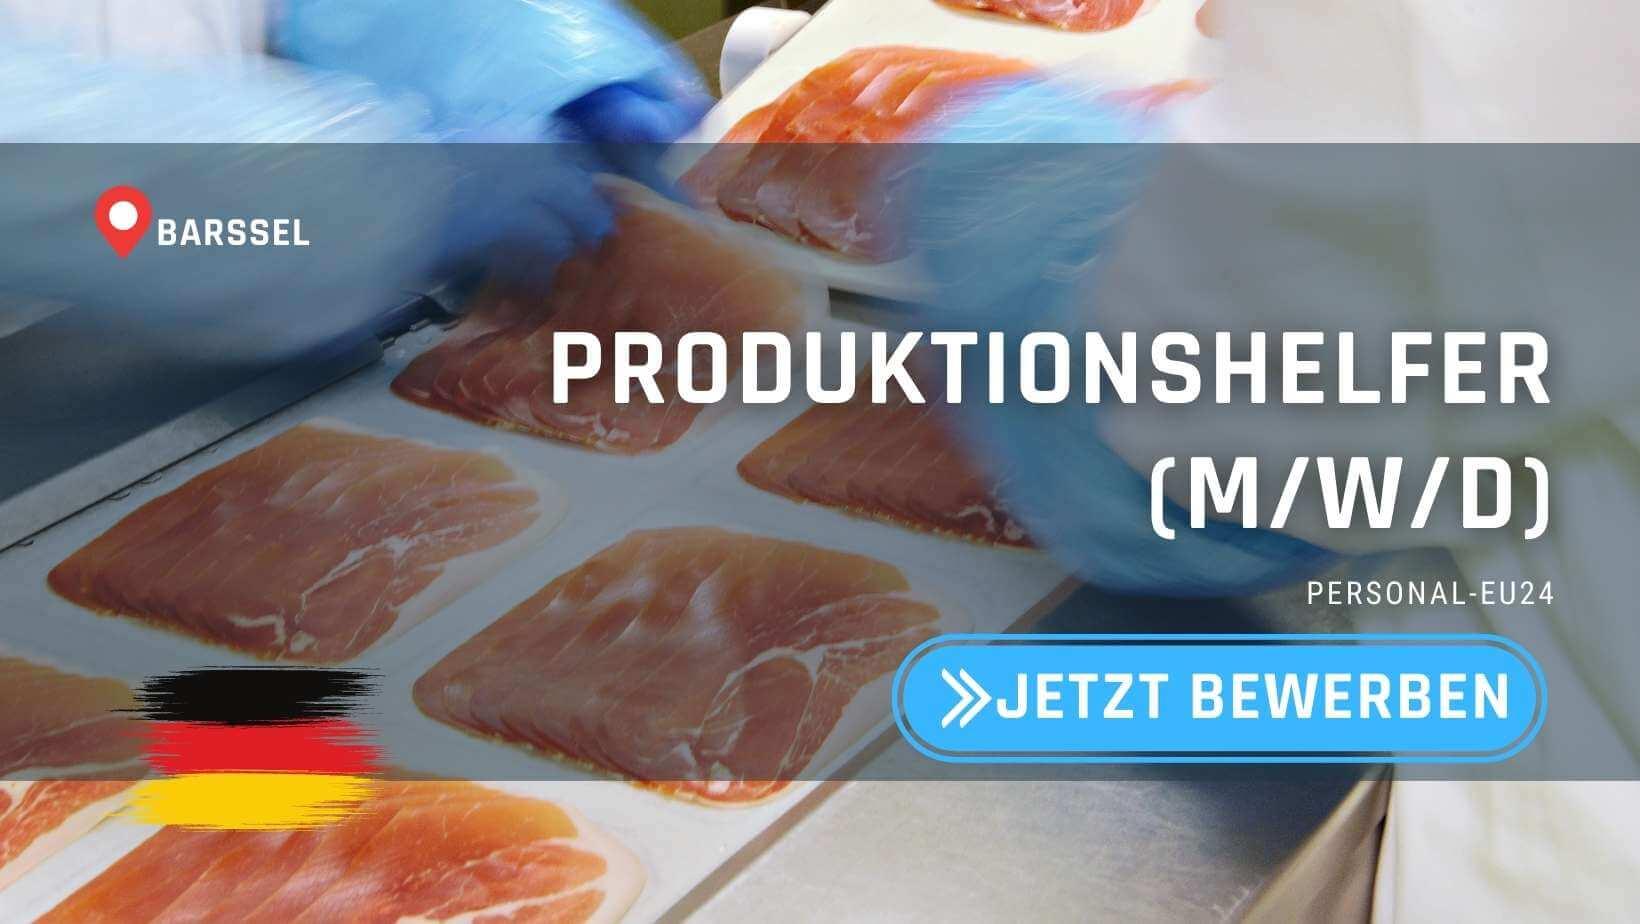 DE_K0045_113 - Produktionshelfer (mwd) Jobs in Barßel